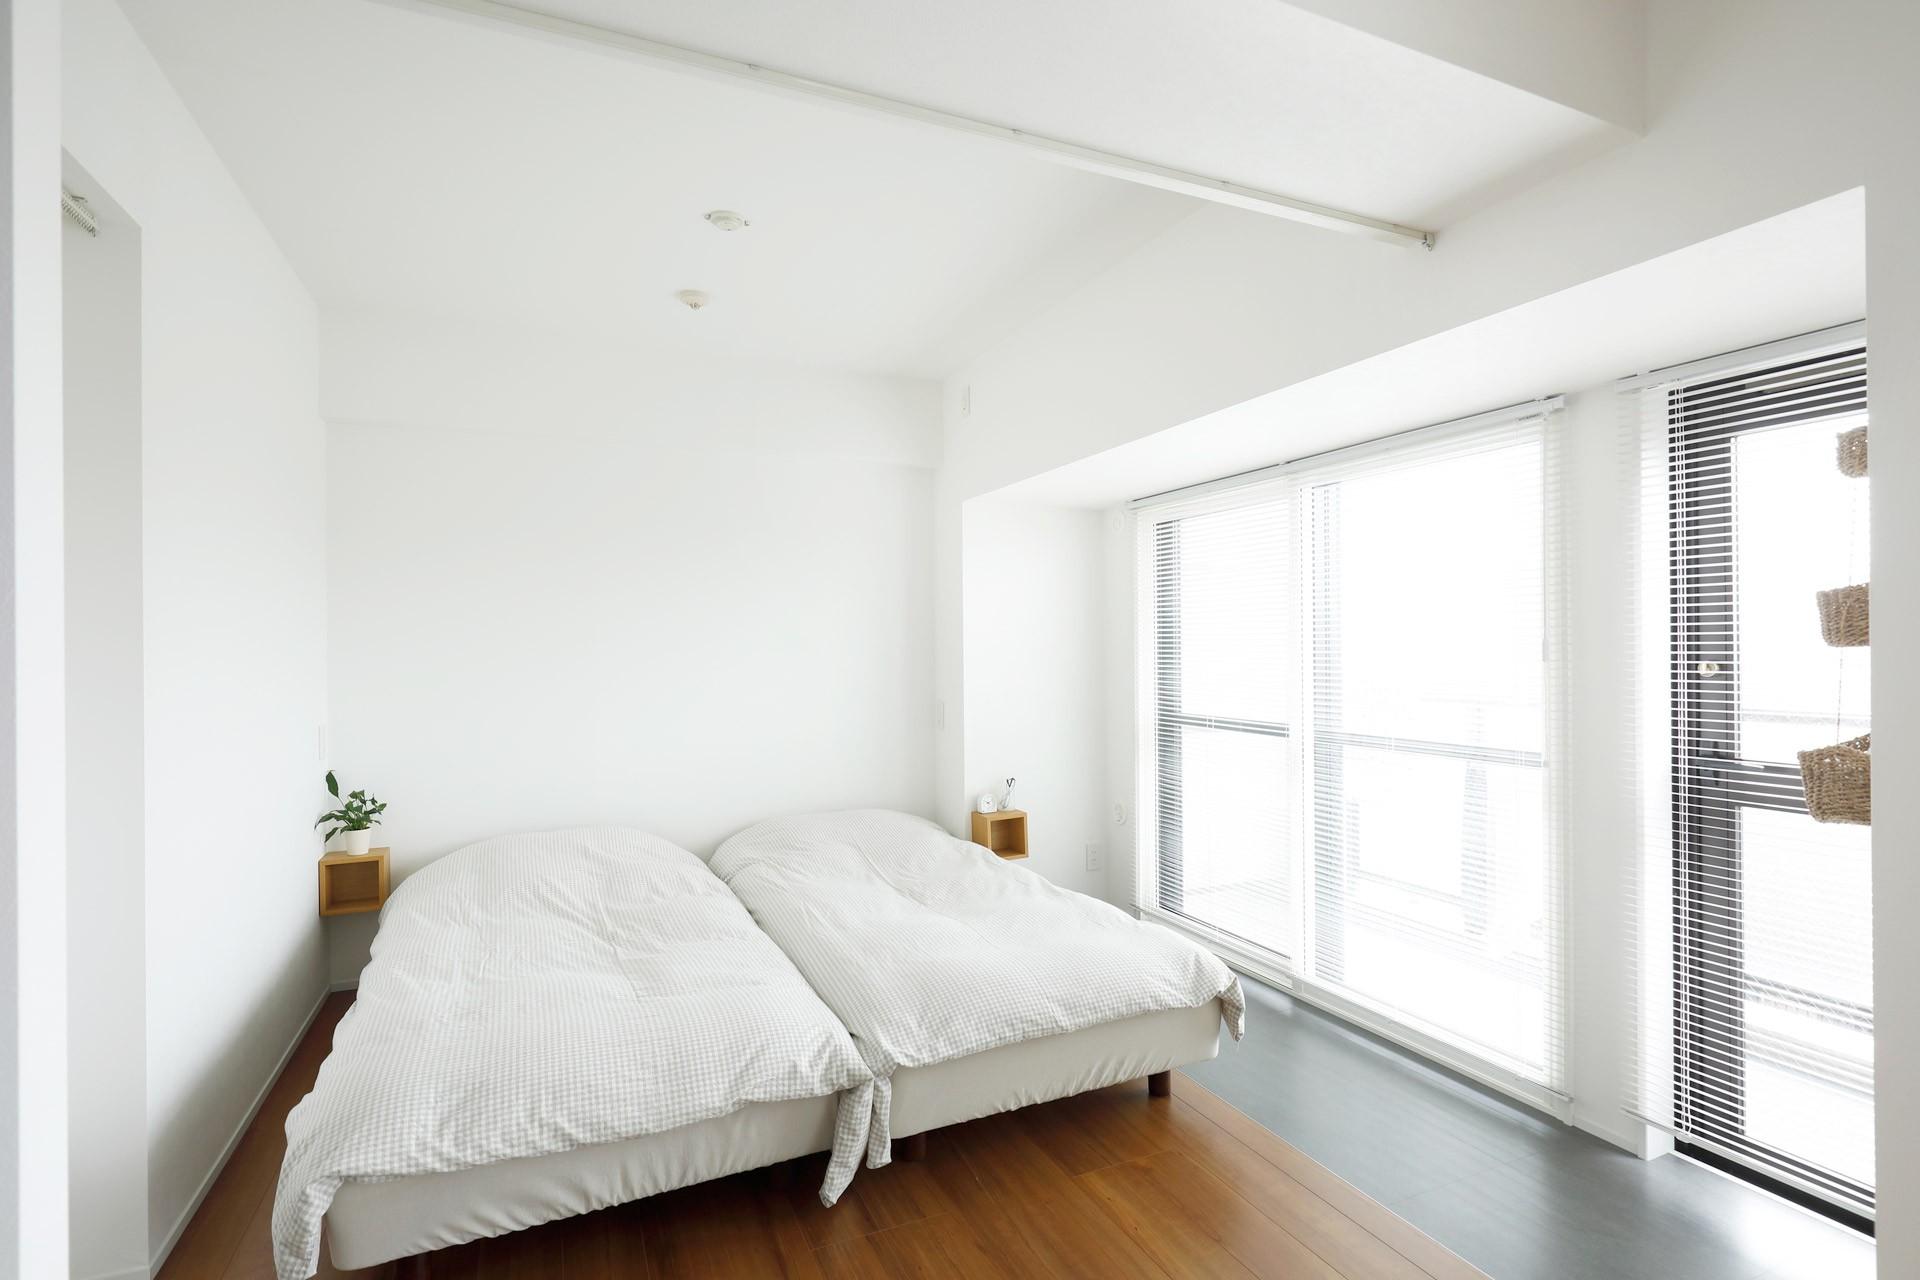 リビングダイニング事例:寝室(玄関が広くドアのない空間は、明るく開放的で暮らしやすさ抜群。)